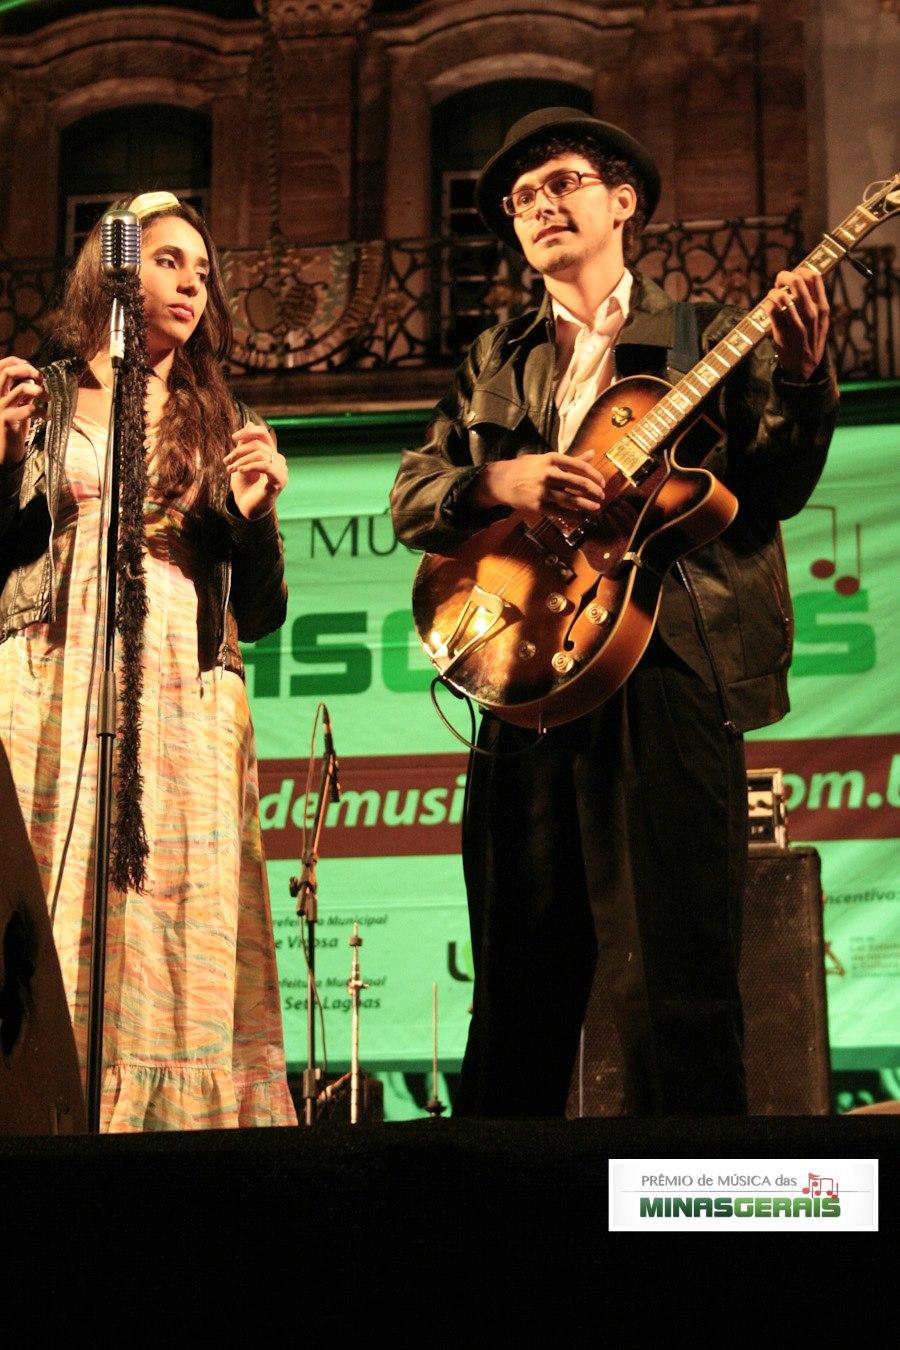 Prêmio Música de Minas